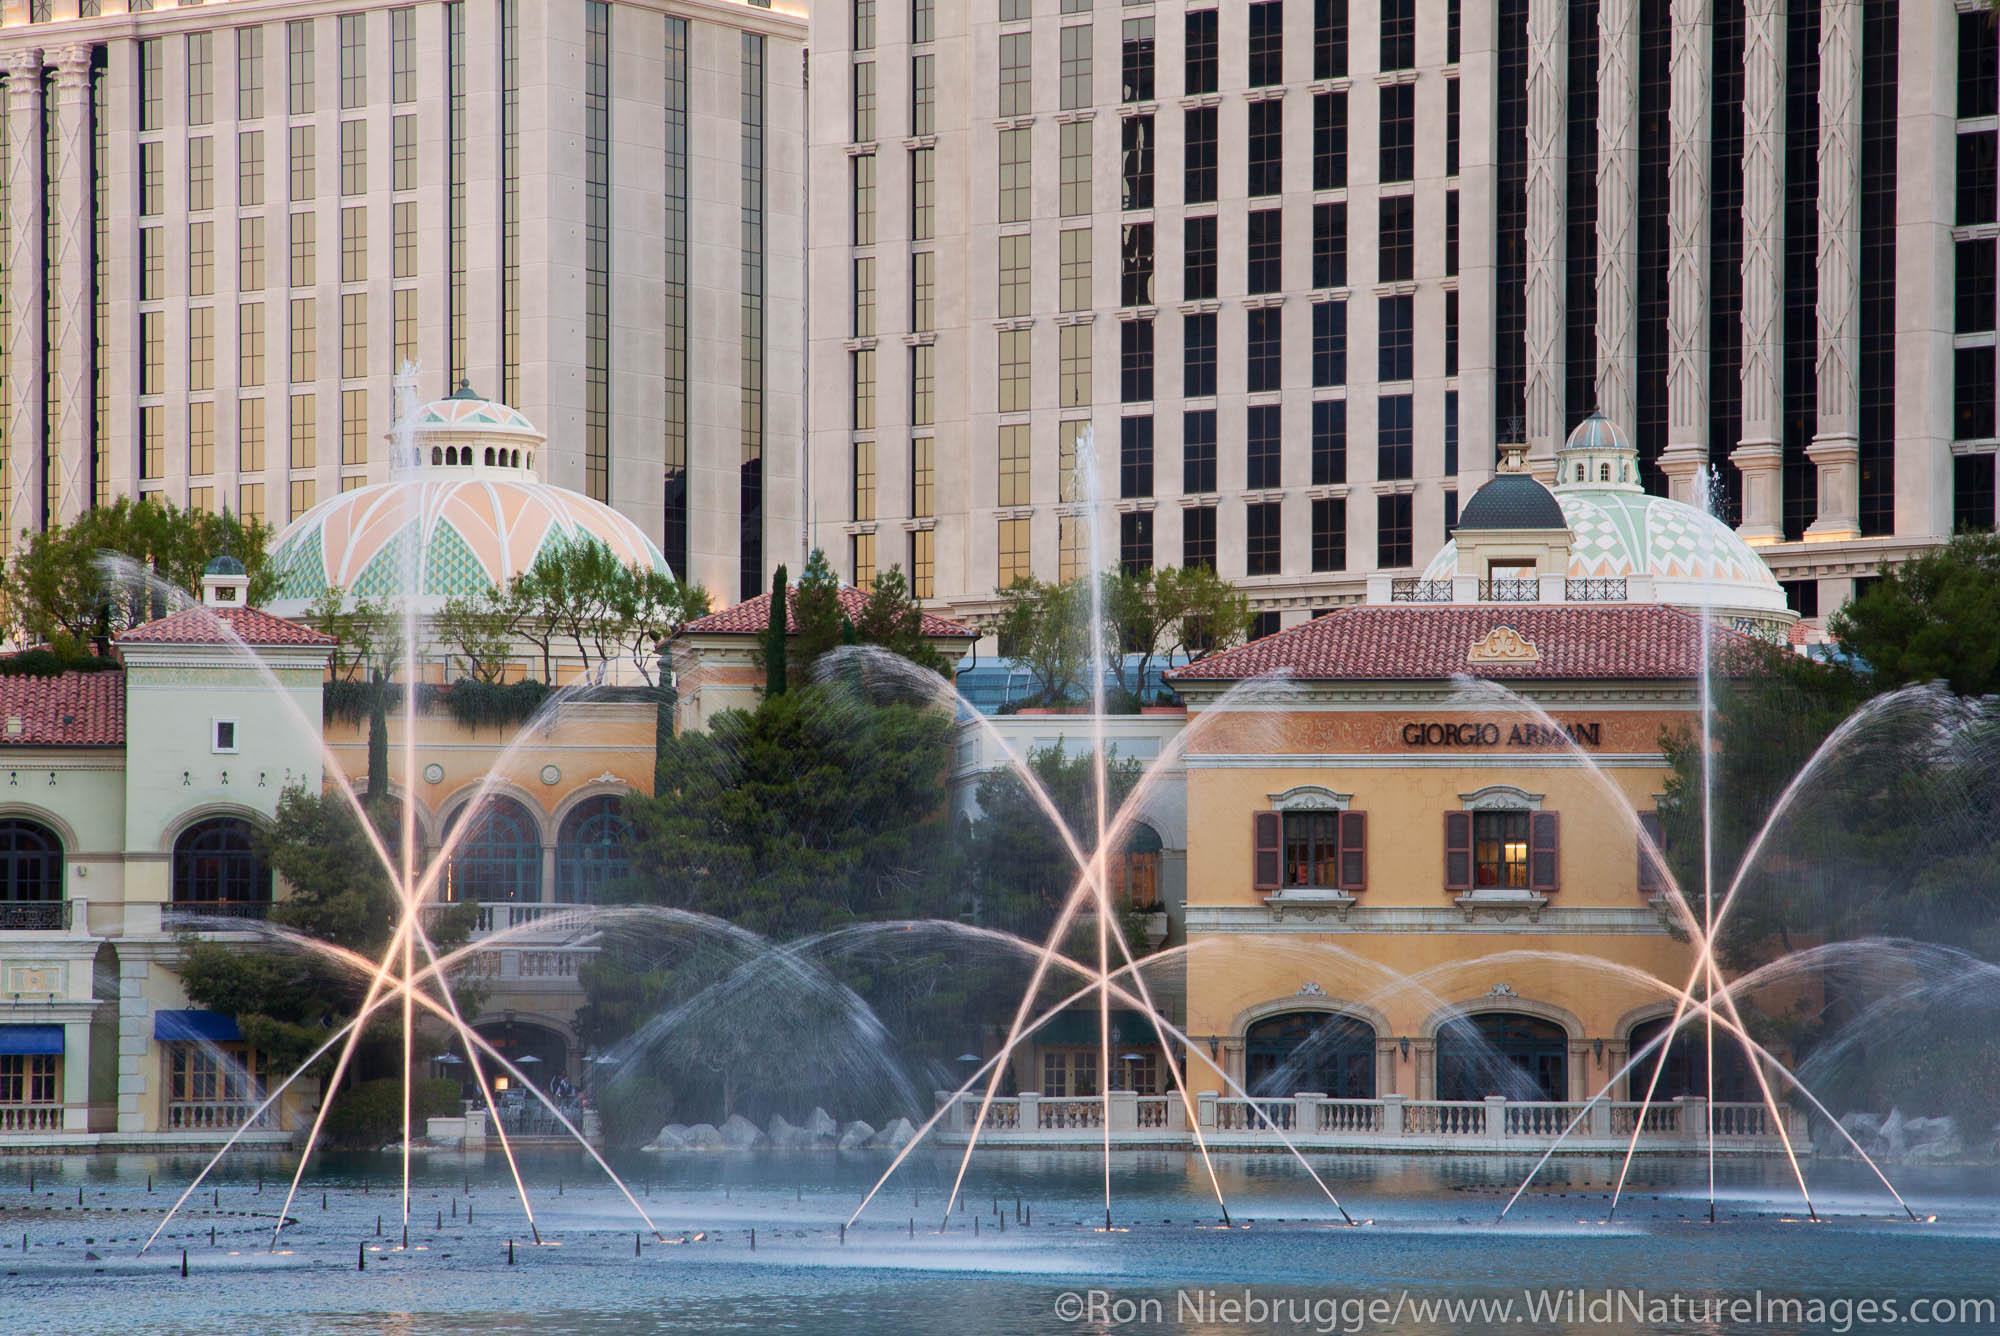 Fountains of Bellagio, Bellagio Resort and Casino, Las Vegas, Nevada